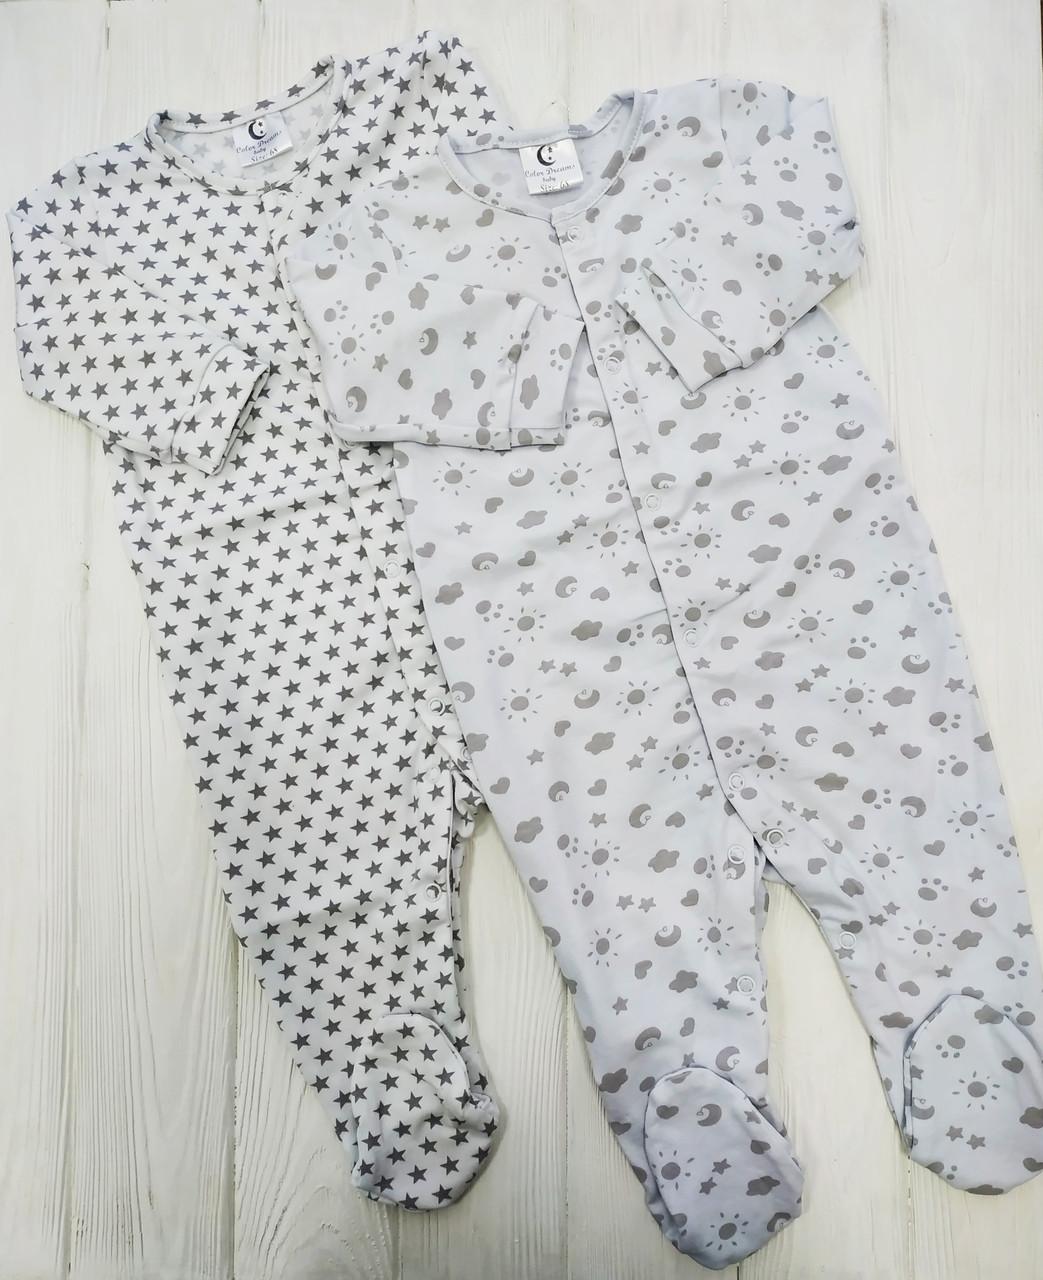 Детский хлопковый  комплект из 2 человечков Человечков,слипов Принт Звезды +Сонце